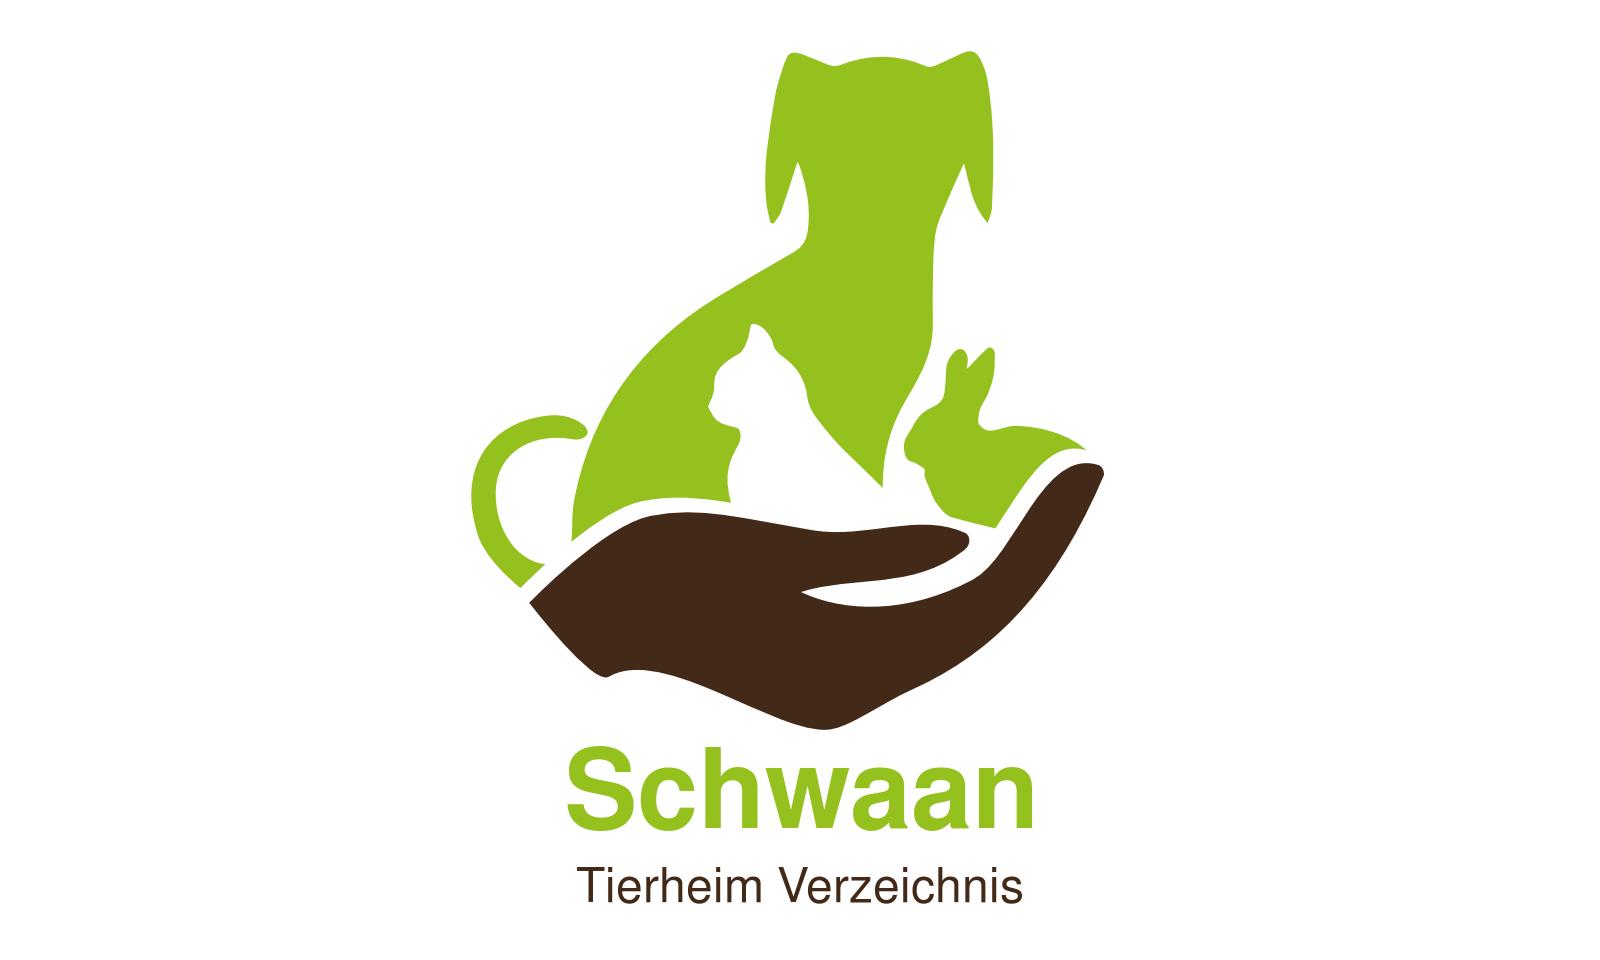 Tierheim Schwaan